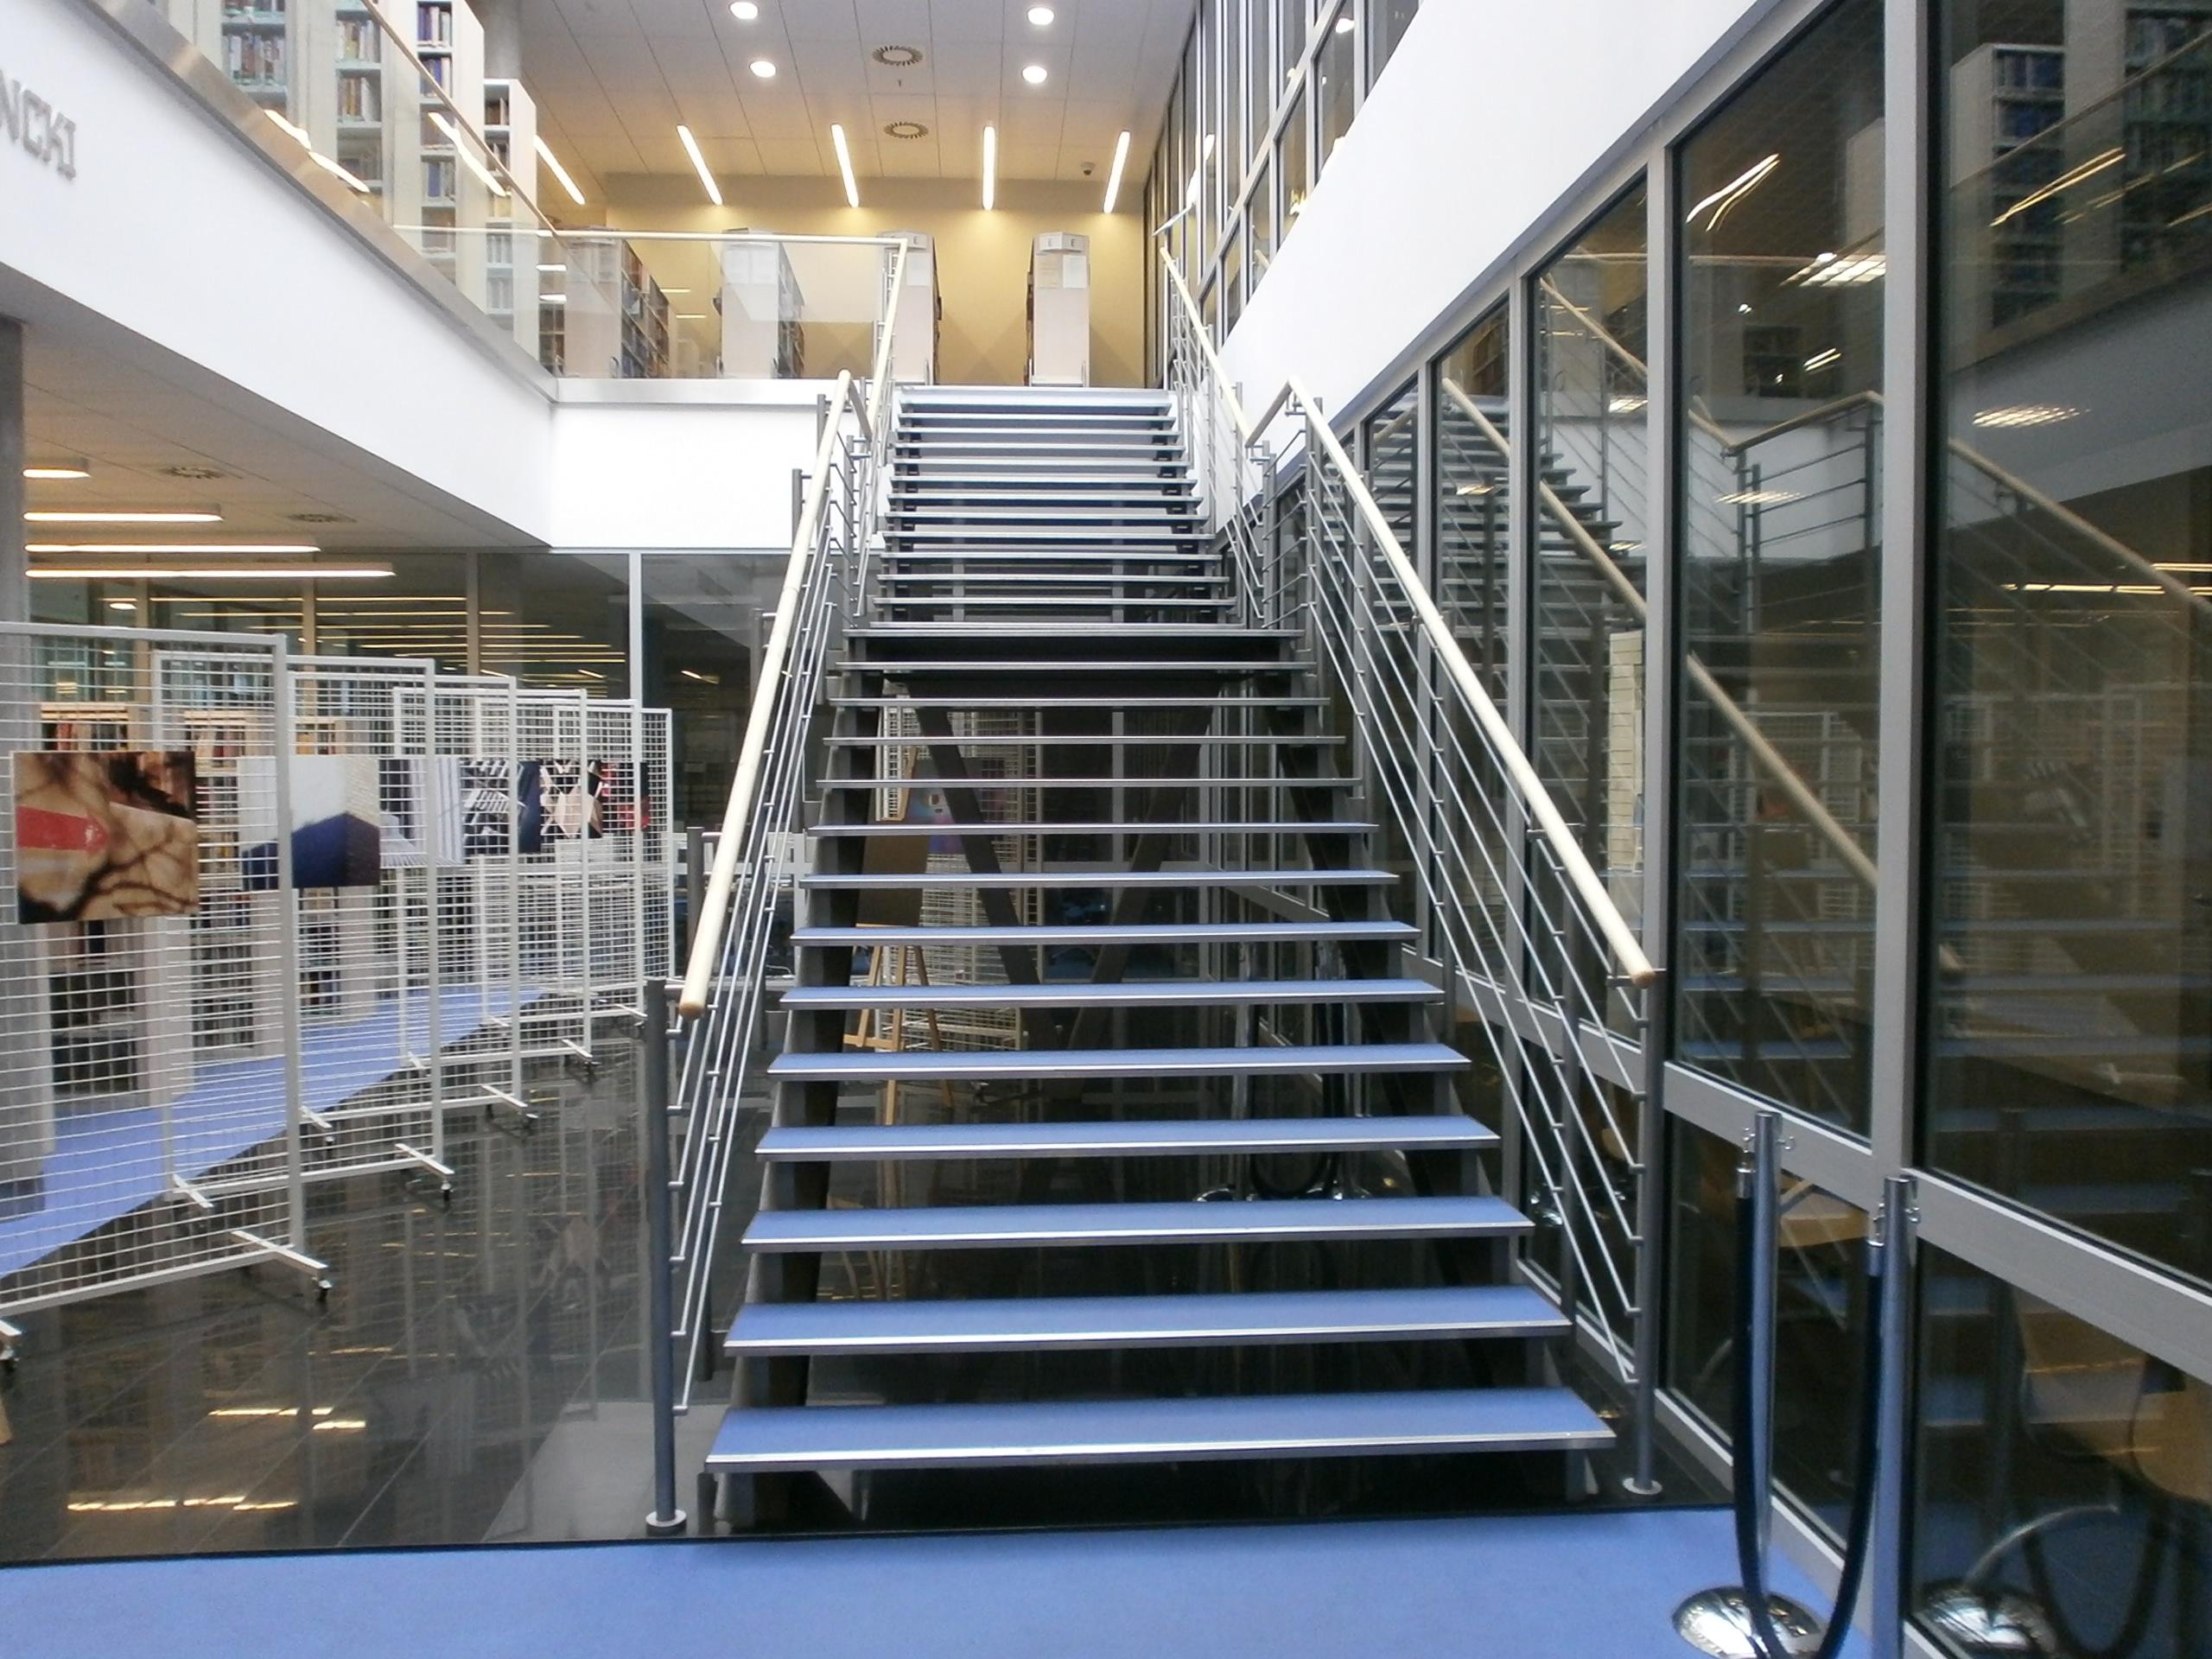 Schody wewnątrz biblioteki, łączące jej dwa poziomy